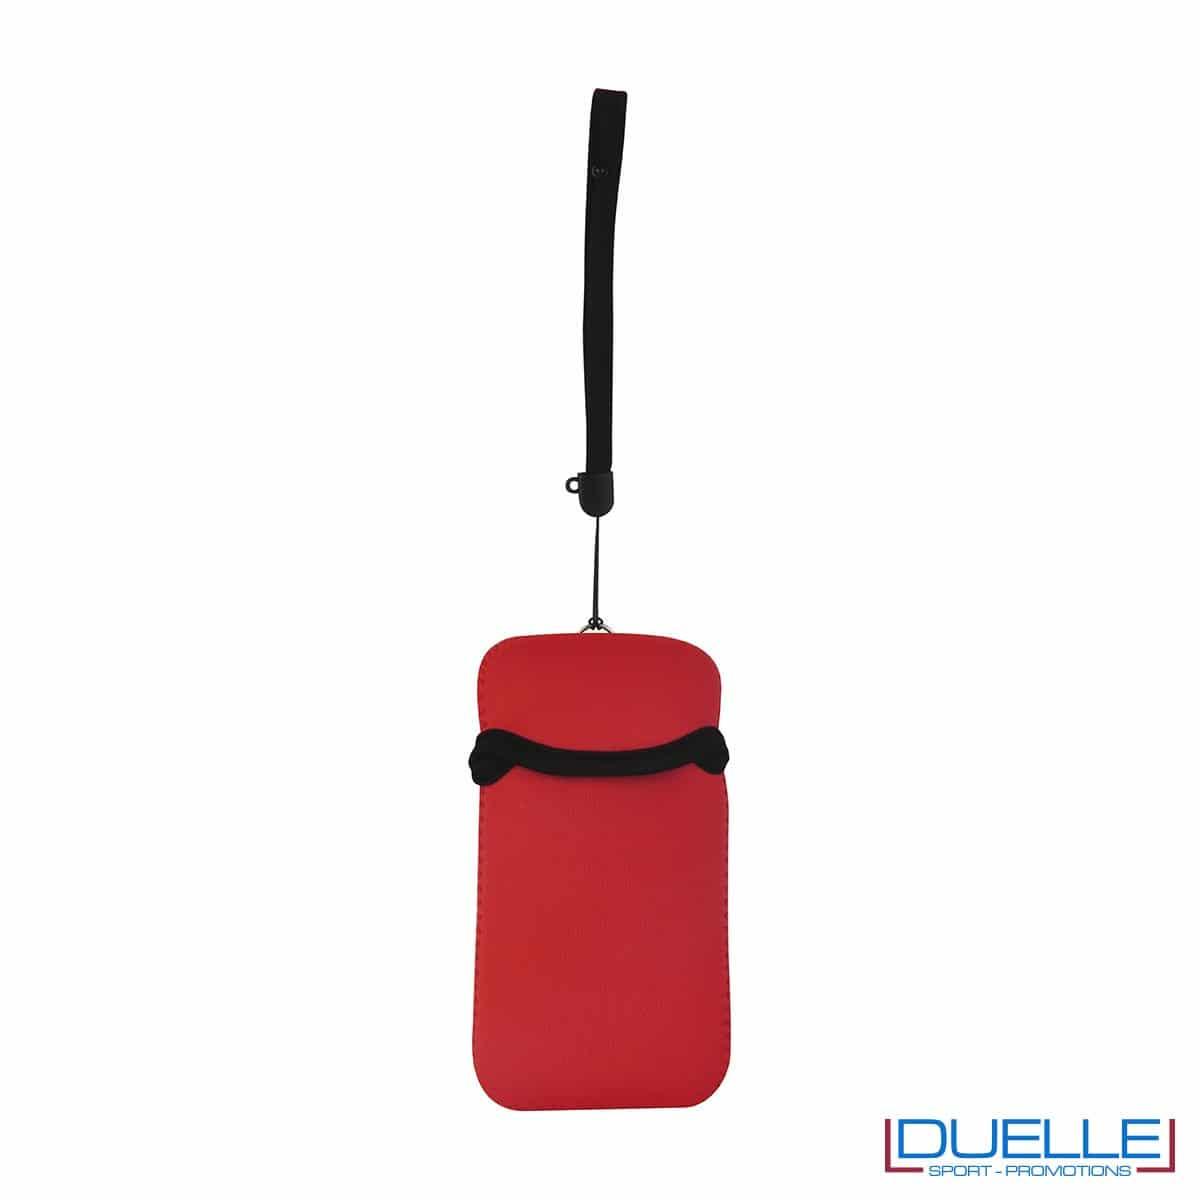 Portacellulare personalizzato in neoprene colore ROSSO da appendere al collo. gadget estivi personalizzati, gadget personalizzati